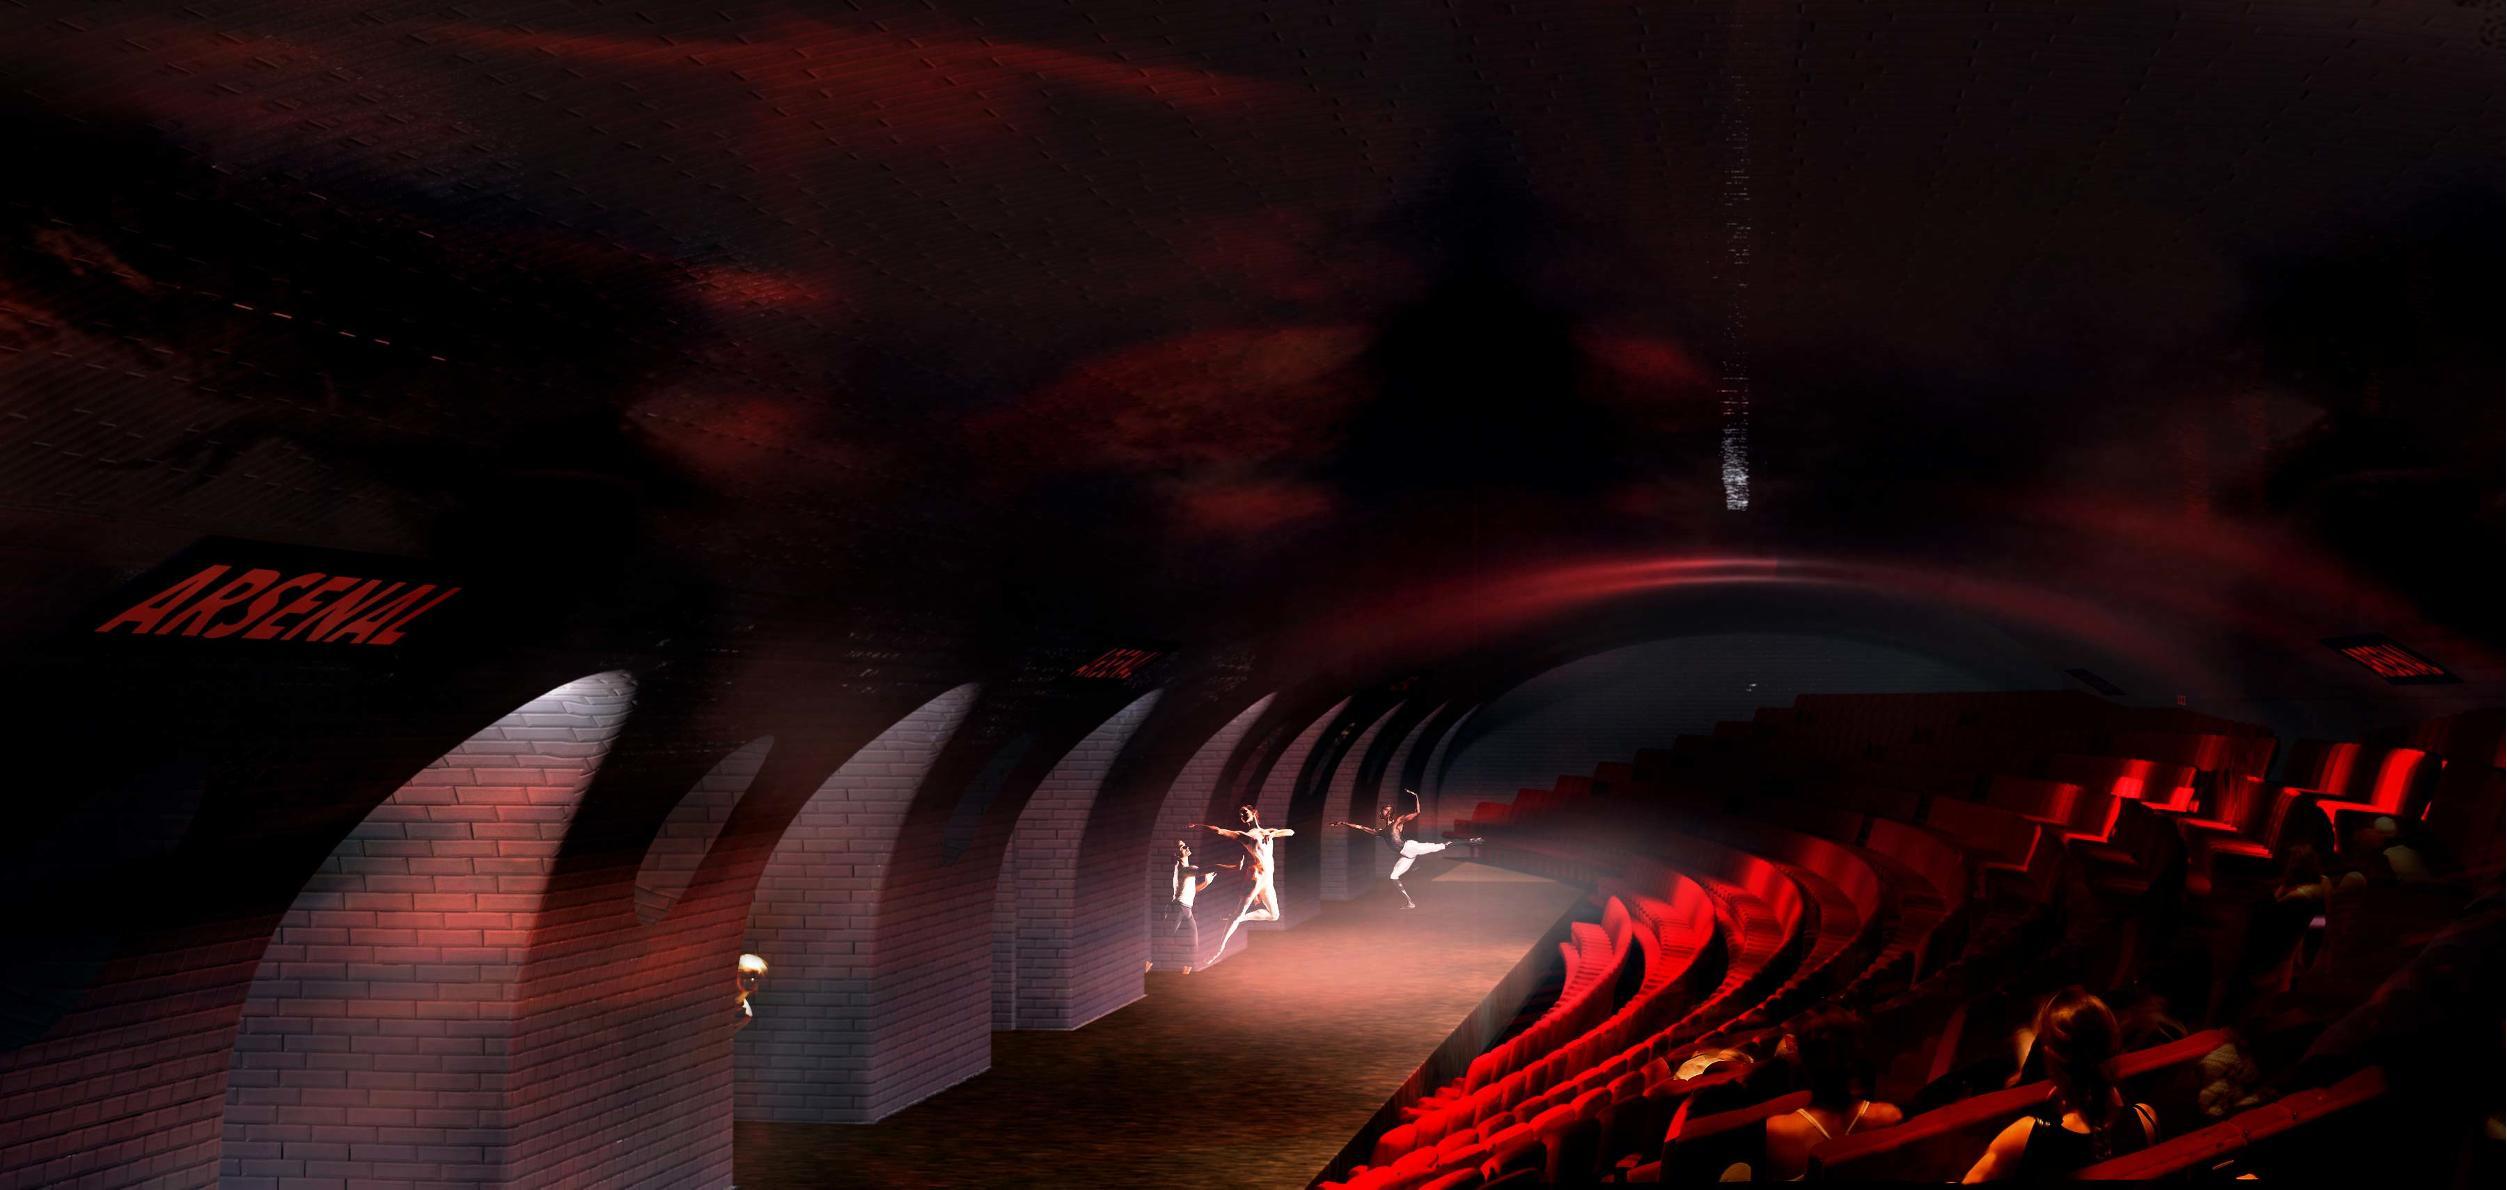 Denkbar ist auch, die vergessenen Bahnhöfe als Ort für Theatervorführungen umzugestalten.